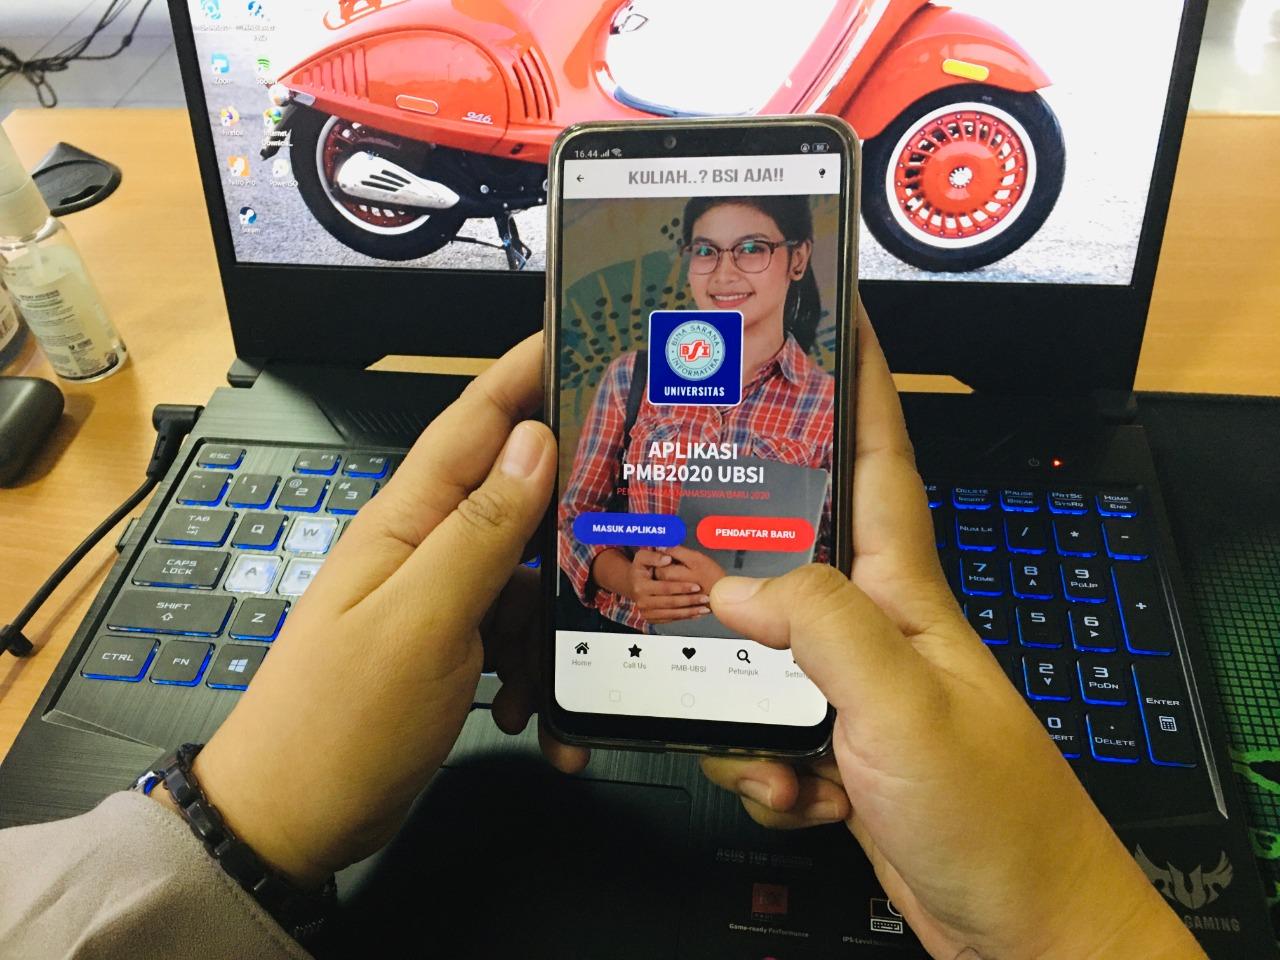 Daftar Kuliah Bisa Pakai Aplikasi Mobile, UBSI Beri Kemudahan Calon Mahasiswa. 2